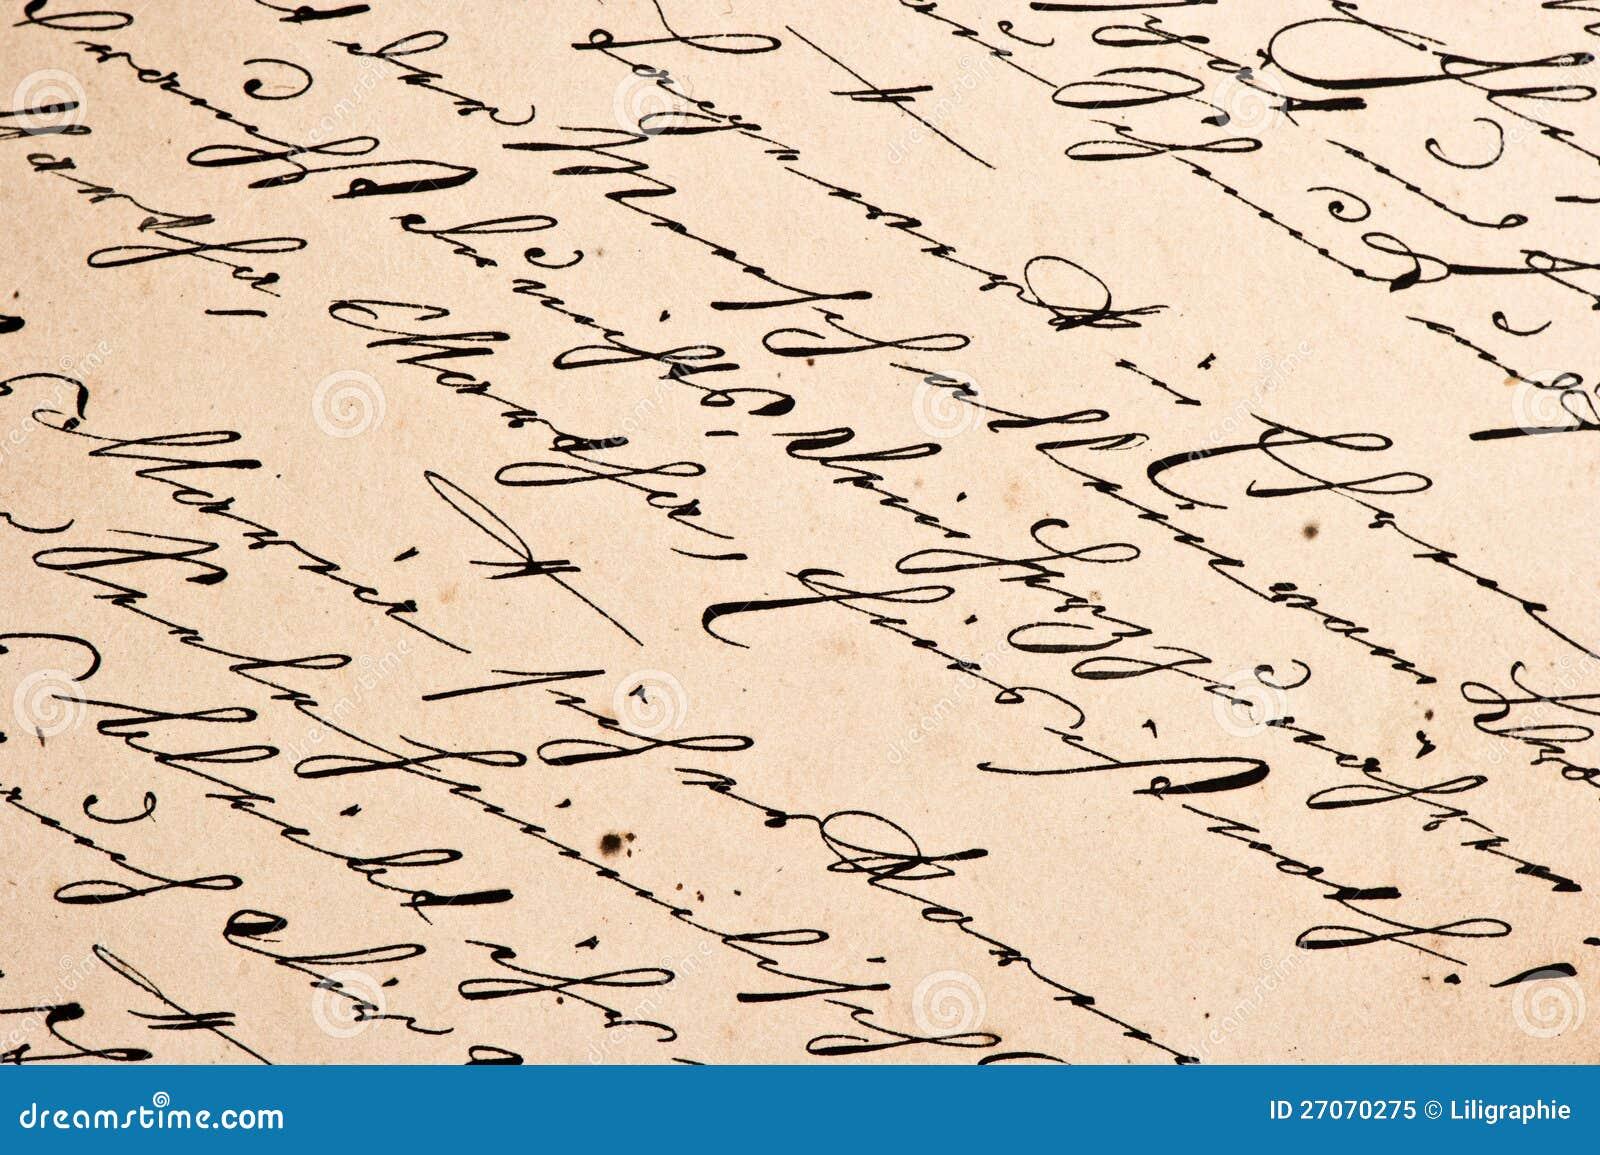 writing manuscript paper